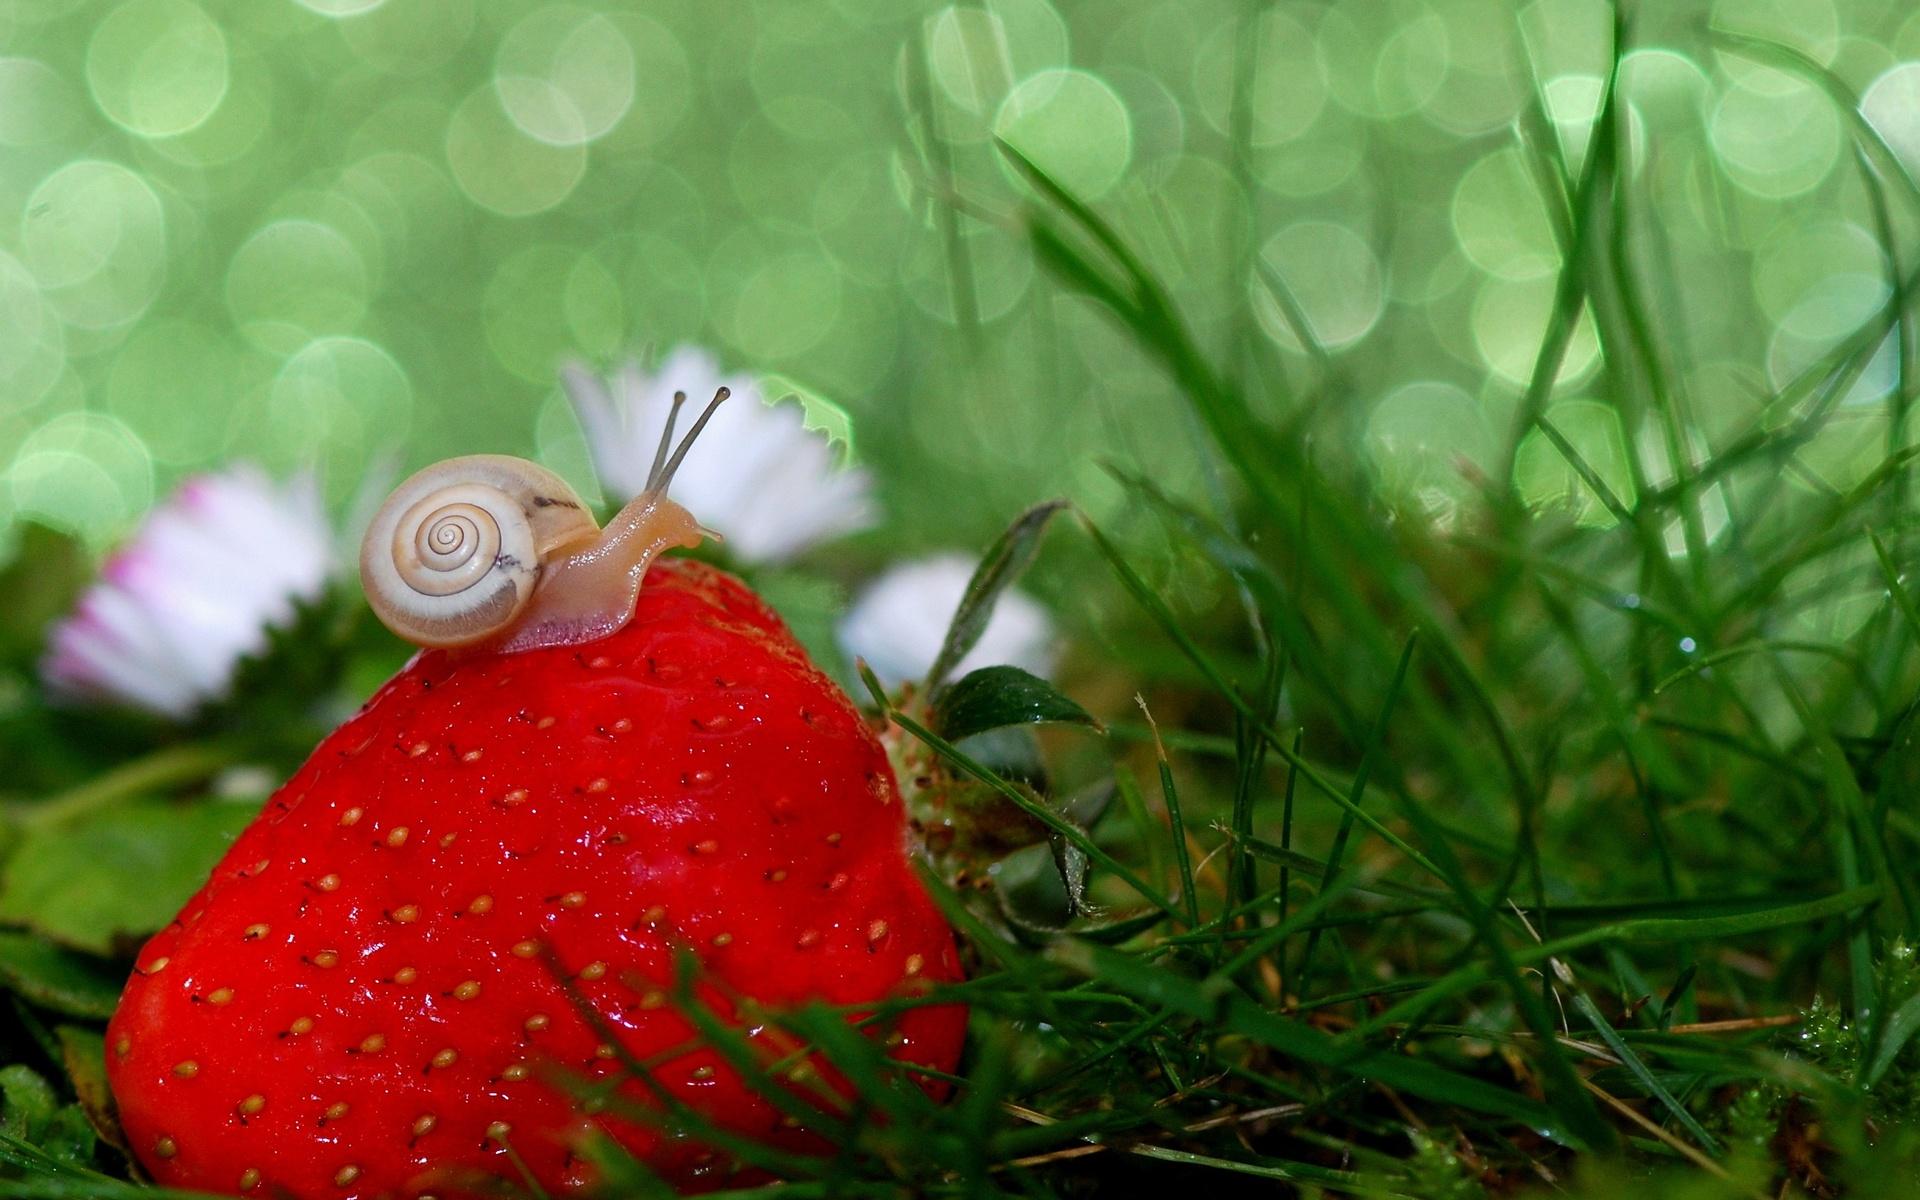 макро, трава, ягода, клубника, улитка, боке